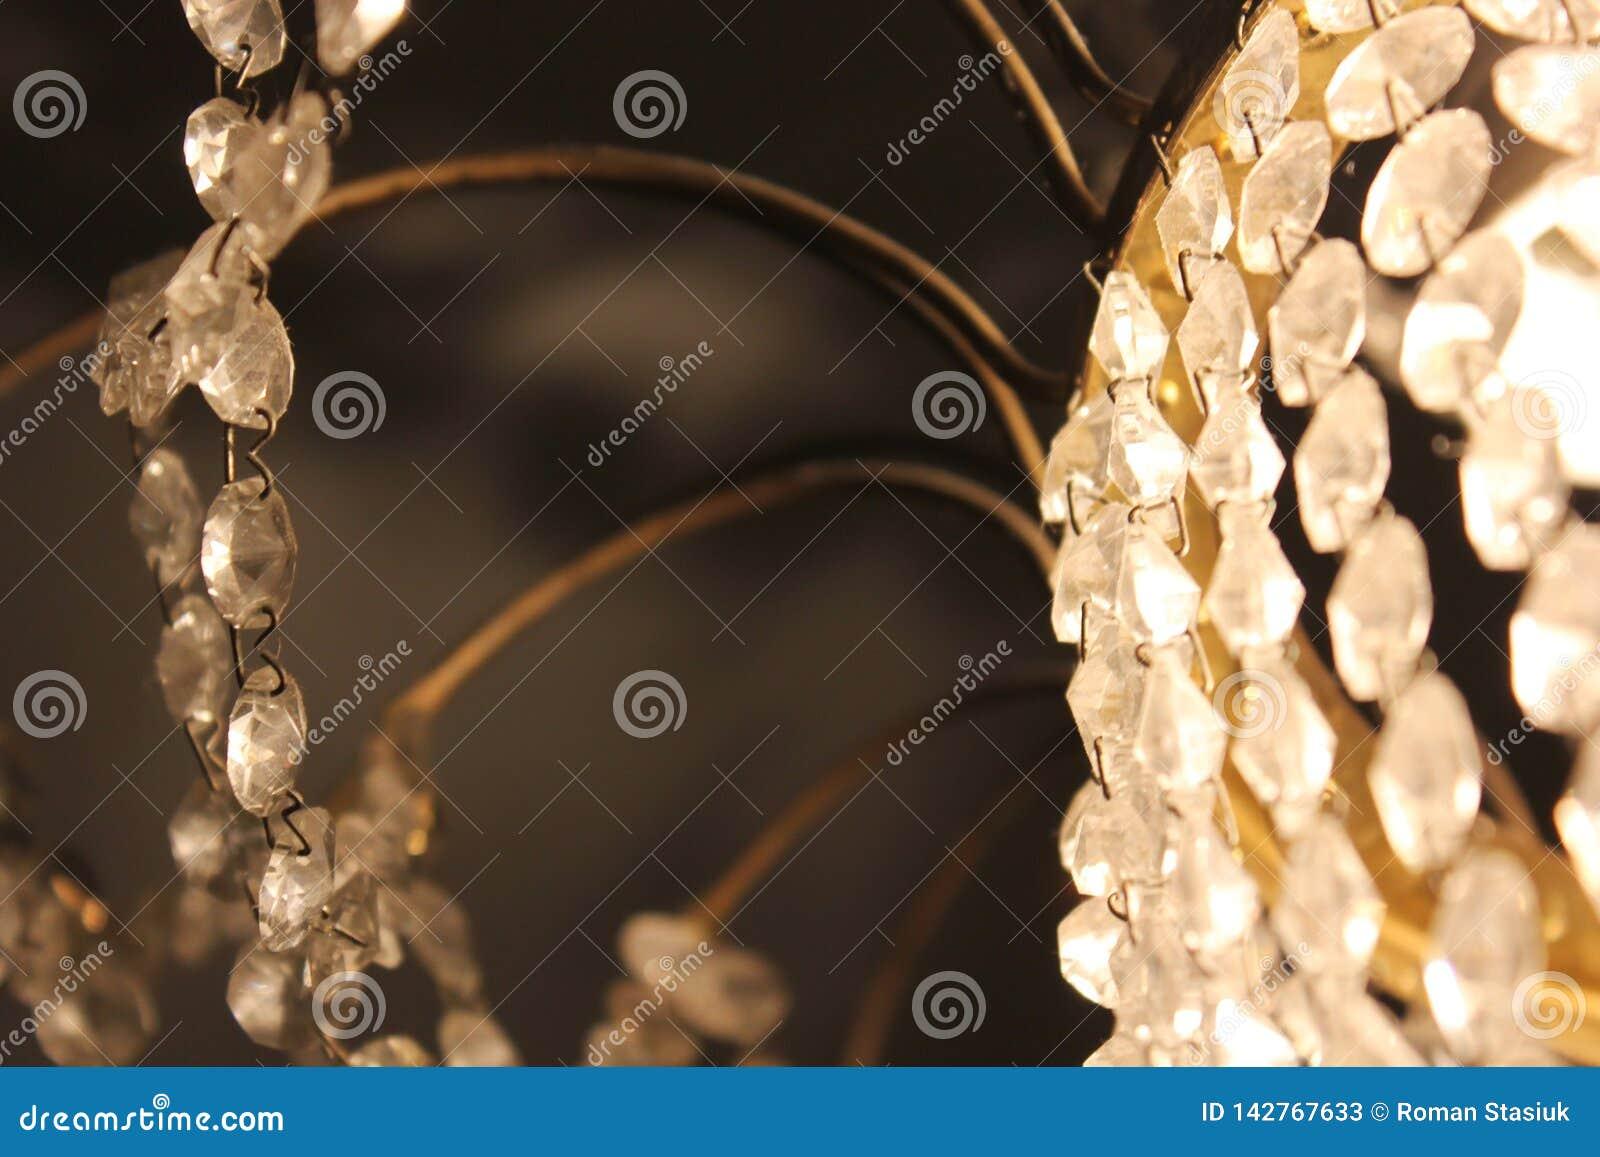 Конец лампы Кристл вверх shine